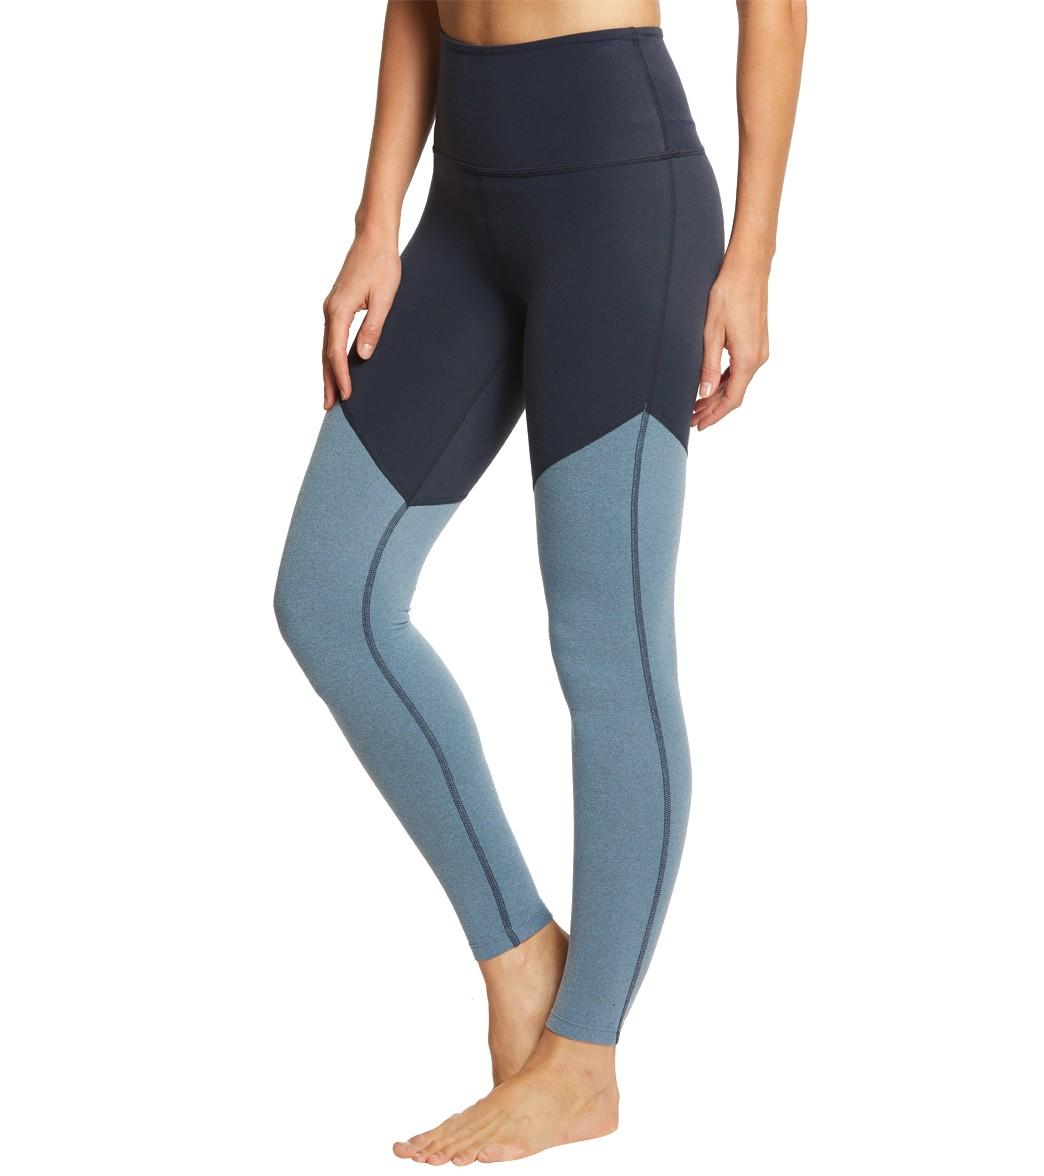 b39989e68d2662 Beyond Yoga Plush Angled High Waisted 7/8 Yoga Leggings at ...